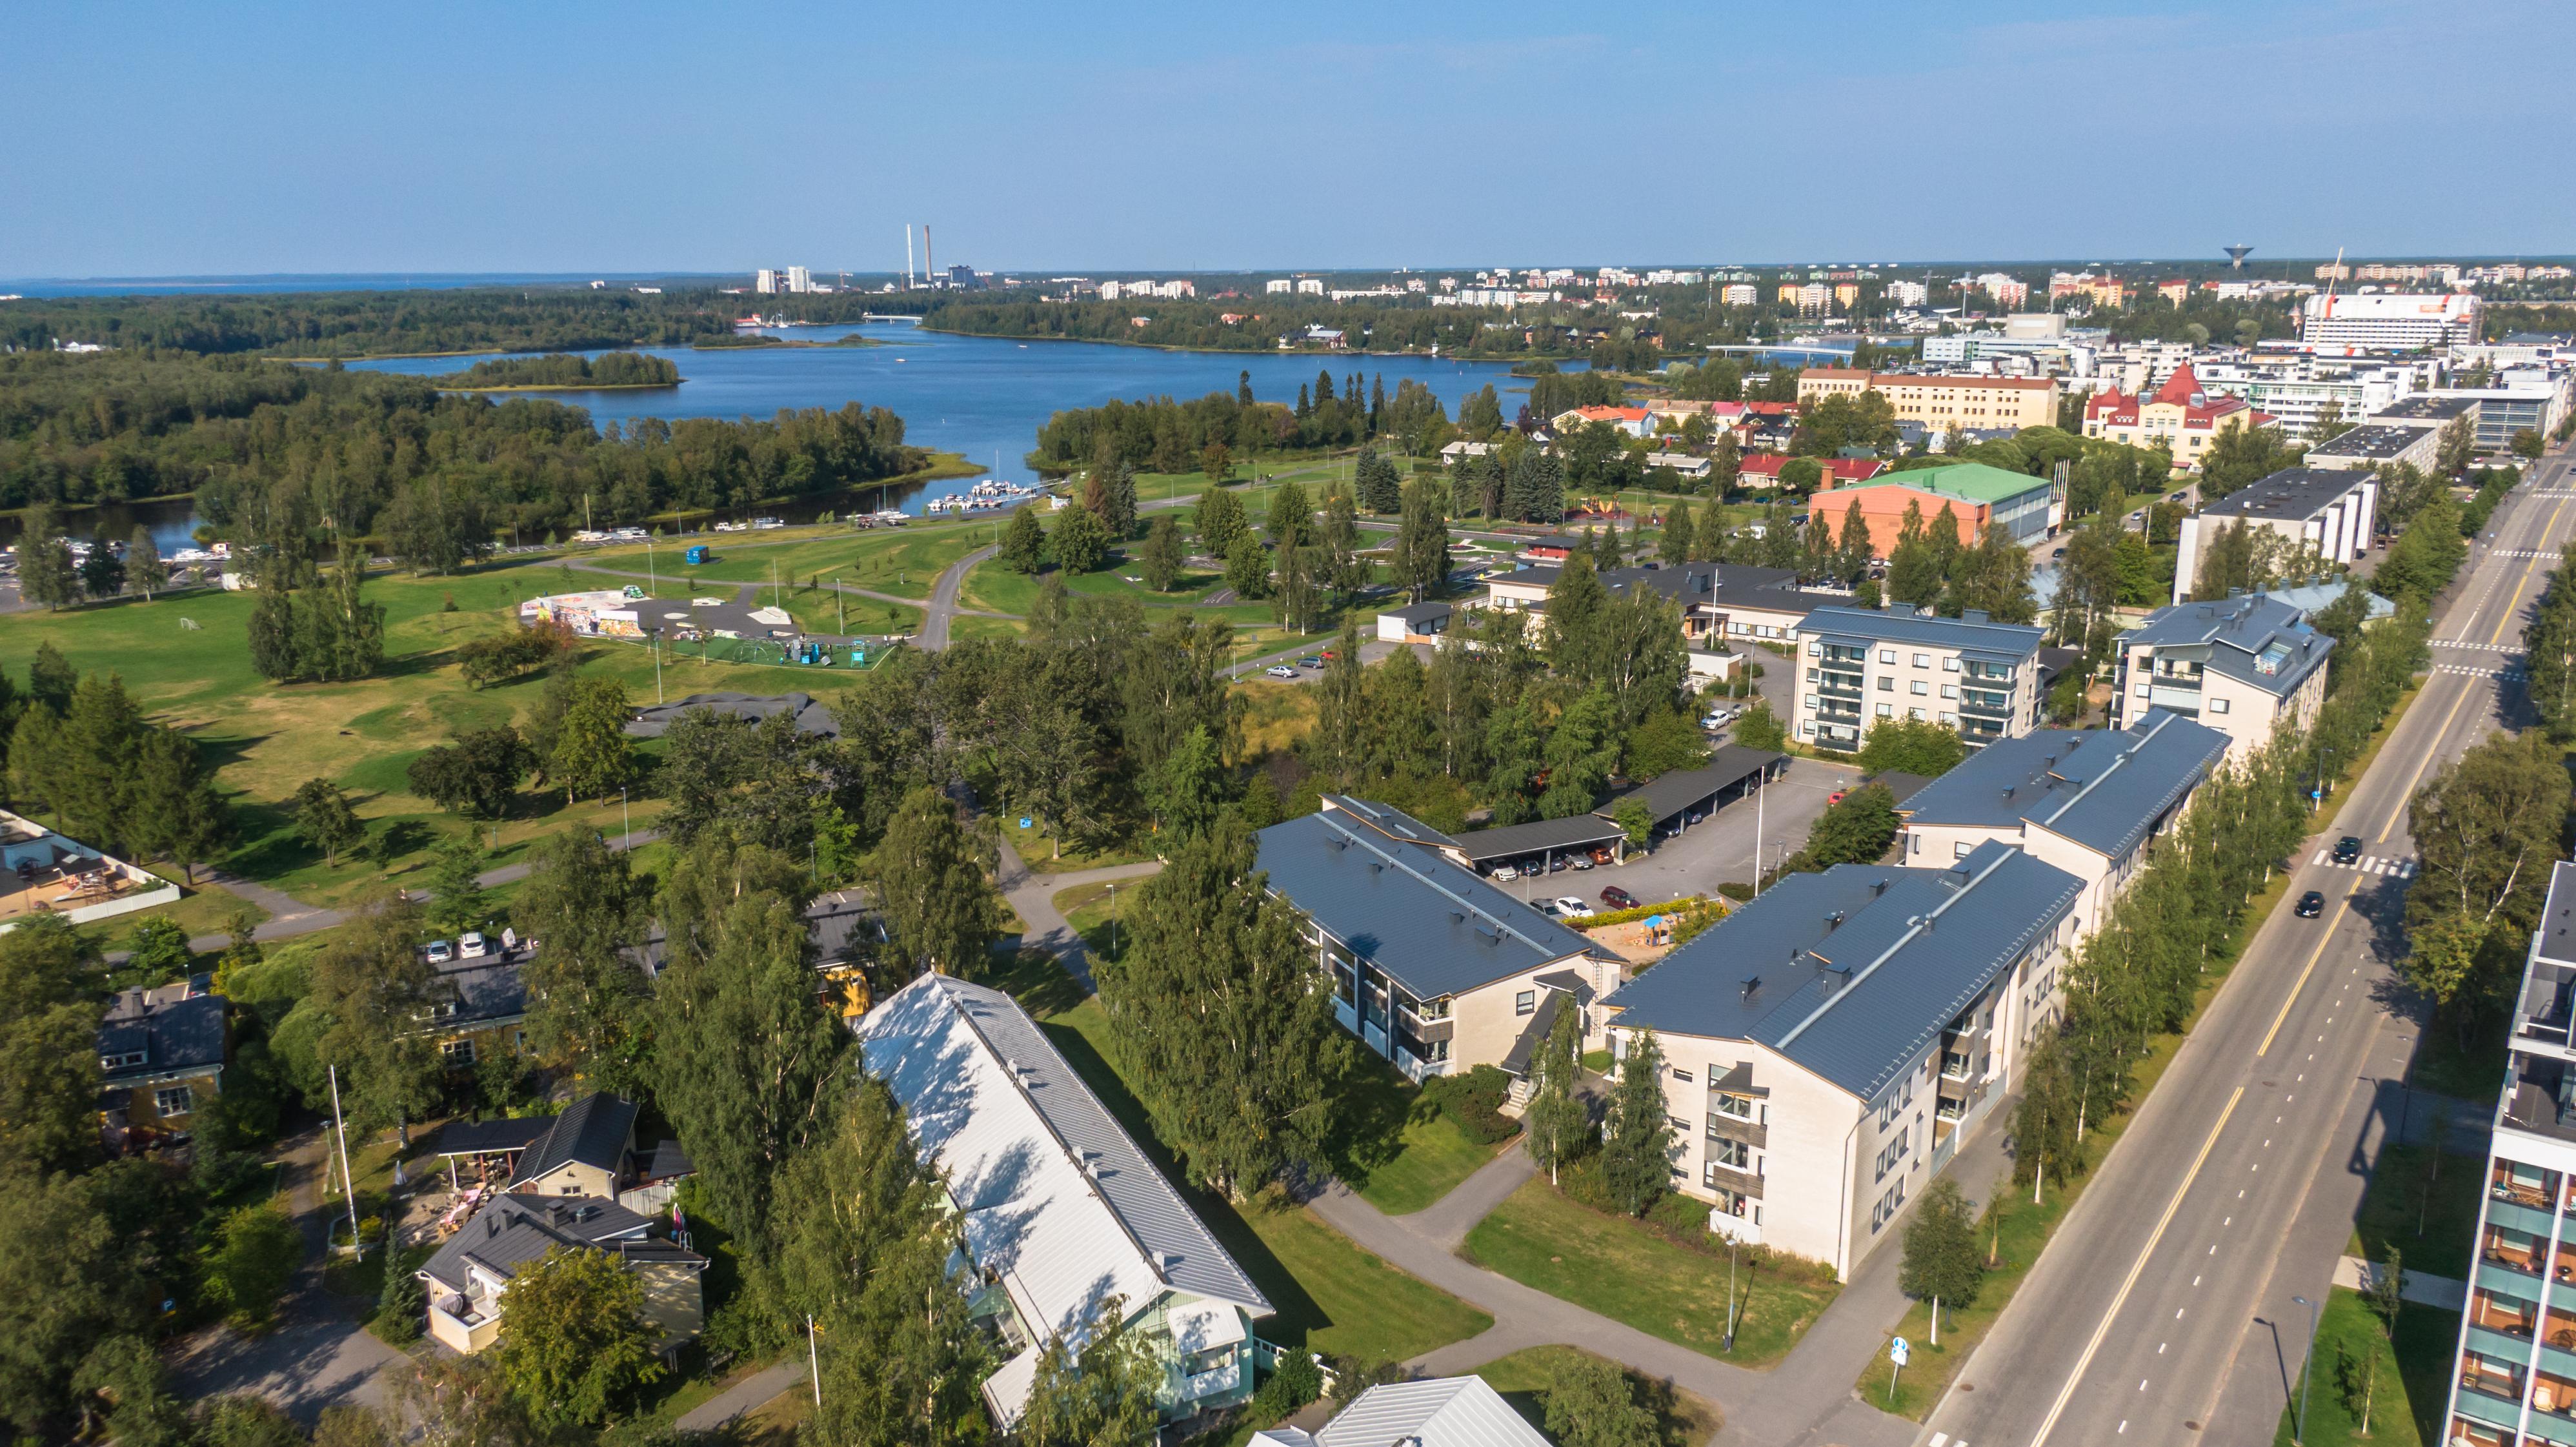 Sininen taivas, kesällä ilmasta otettu kuva Oulun Hollihaassa. Katunäkymää ja kerrostaloja.